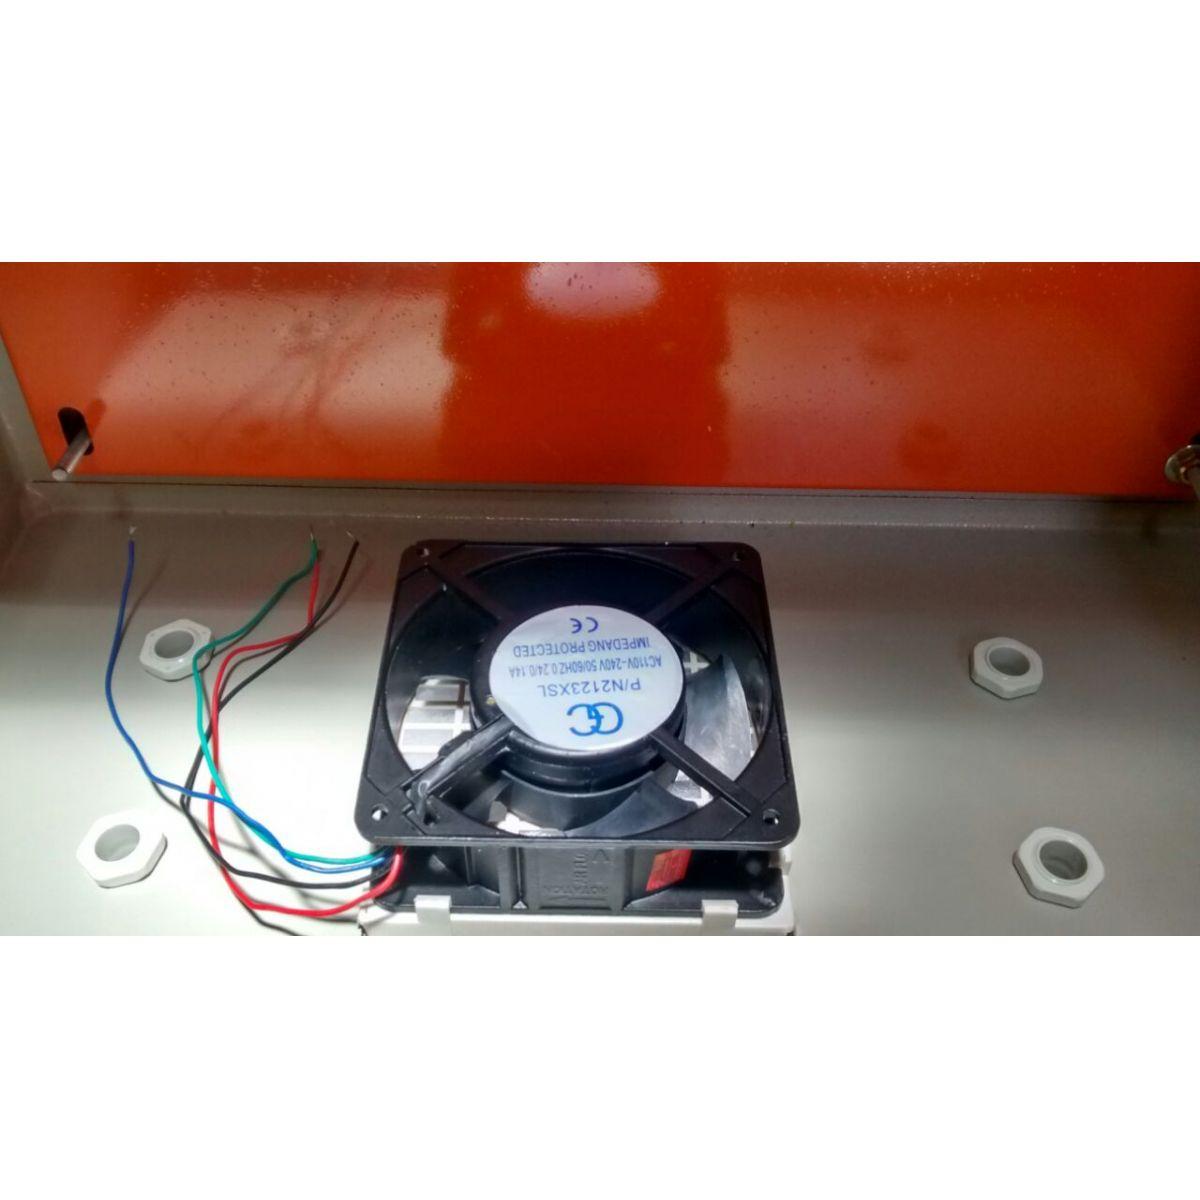 Caixa Hermética Em Aço 60x40x25 + Cooler   - infoarte2005